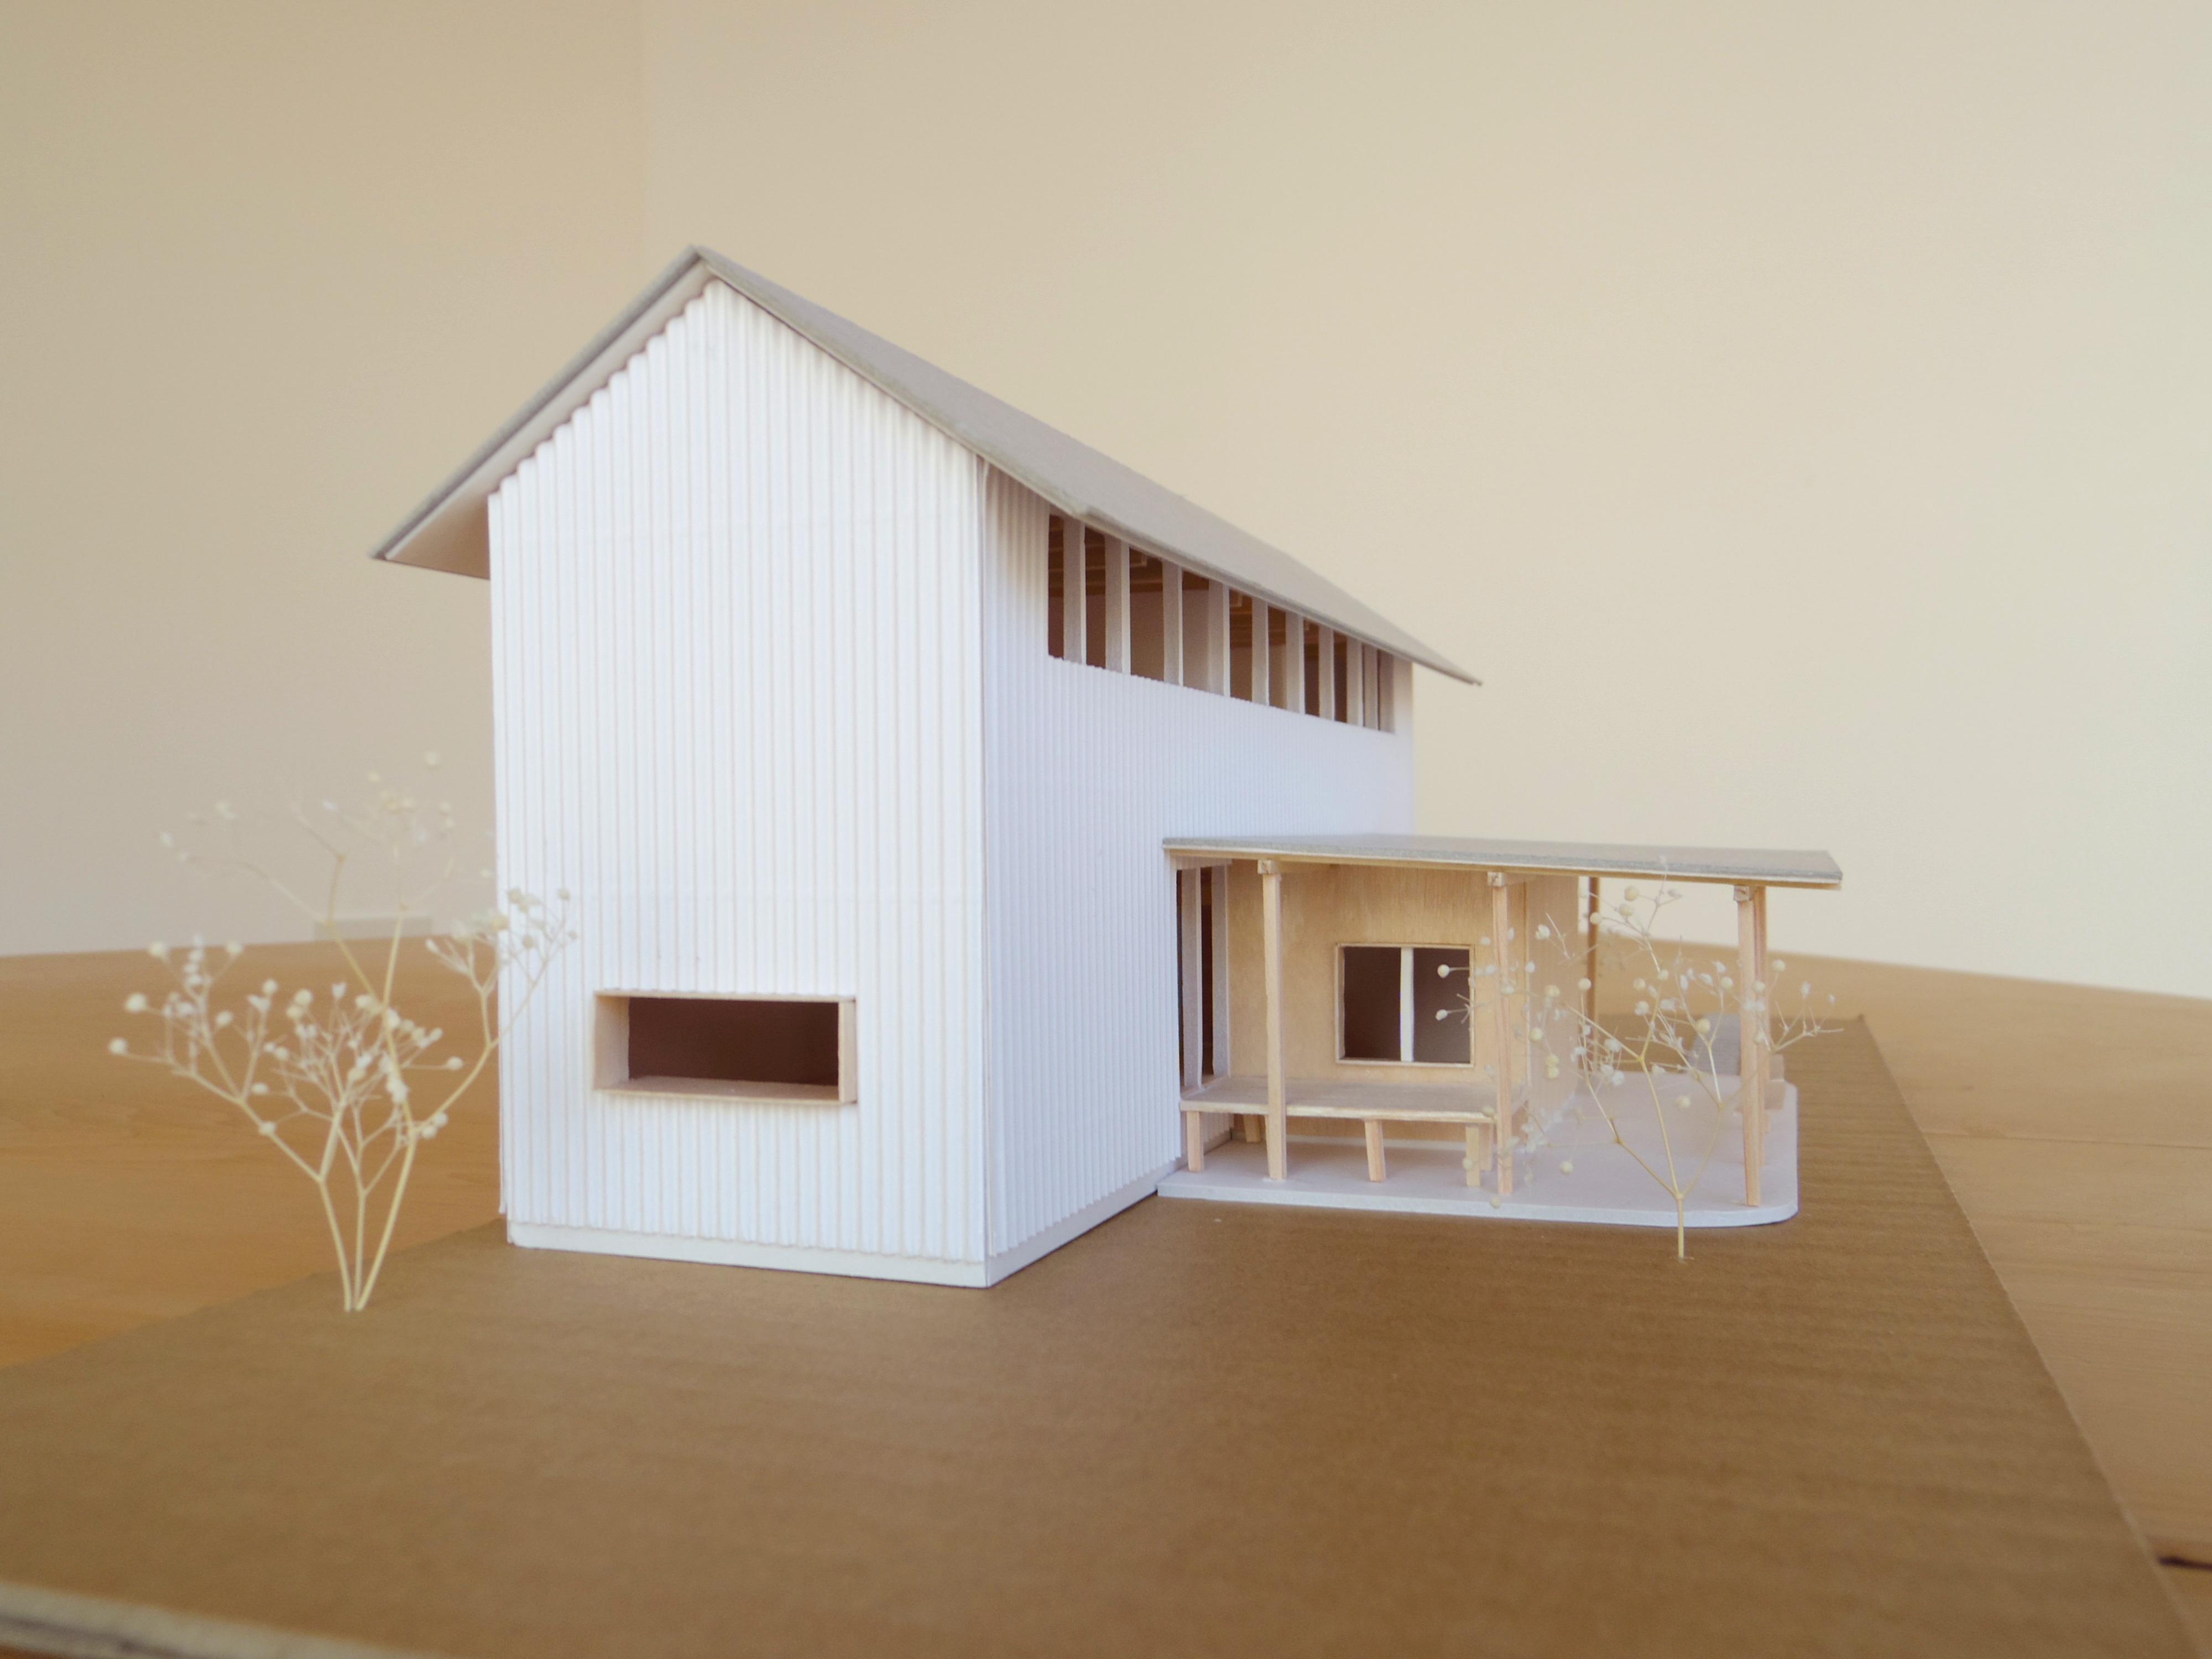 セカンドリビング,庭,家,プライベート,空間